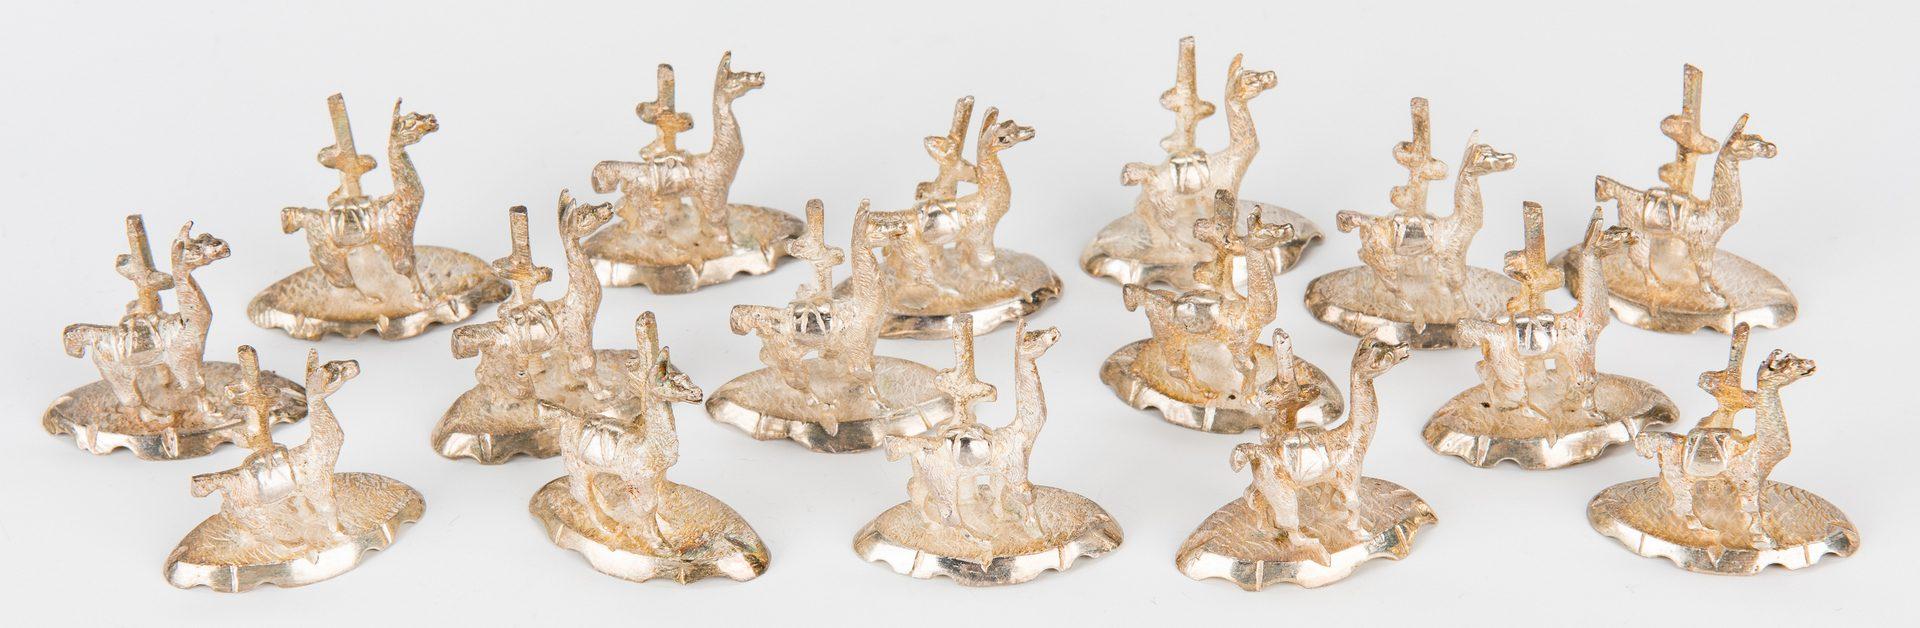 Lot 713: 74 Peruvian Sterling Items – Llama themed